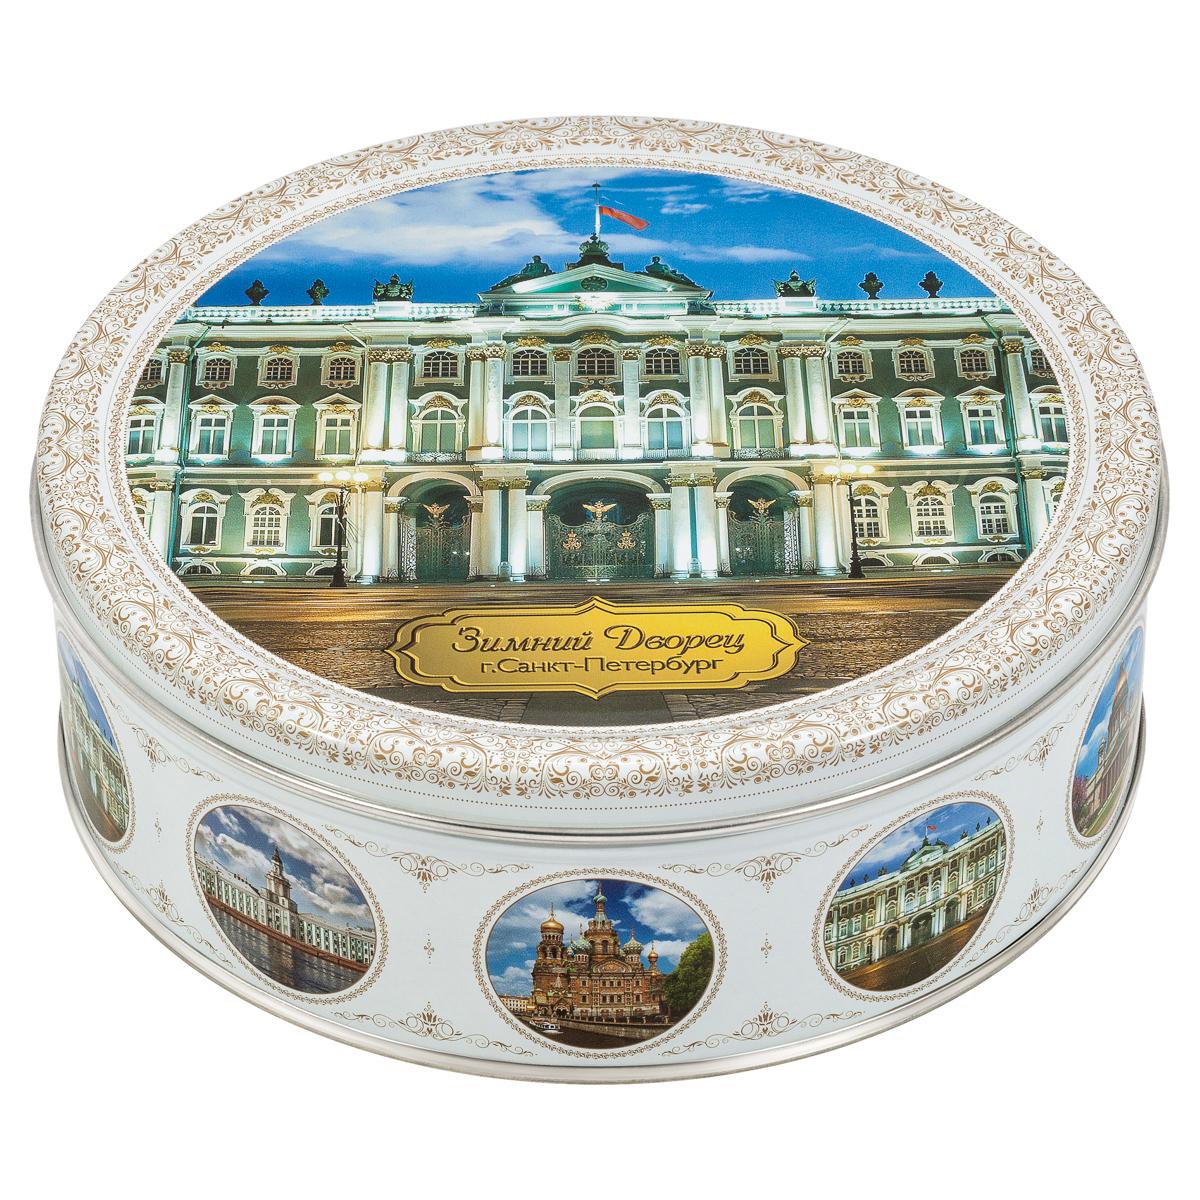 Monte Christo Санкт-Петербург Зимний дворец печенье со сливочным маслом, 400 г сладкая сказка новогодний календарь снегурочка 75 г